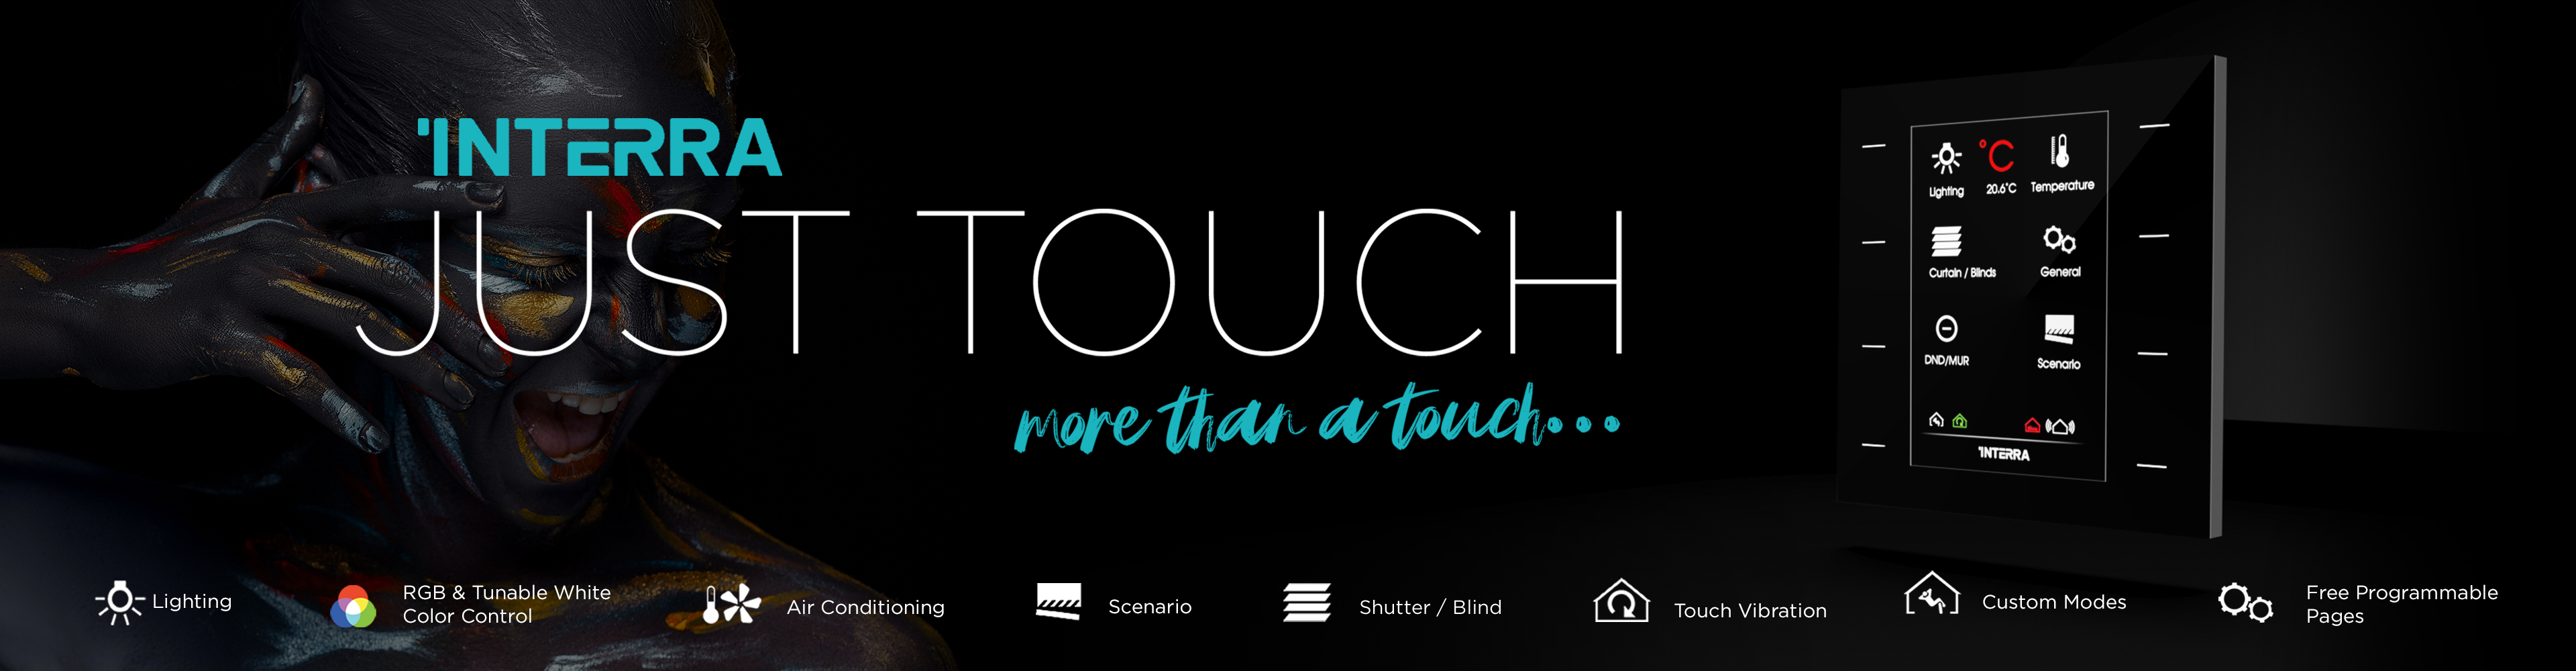 just touch interra